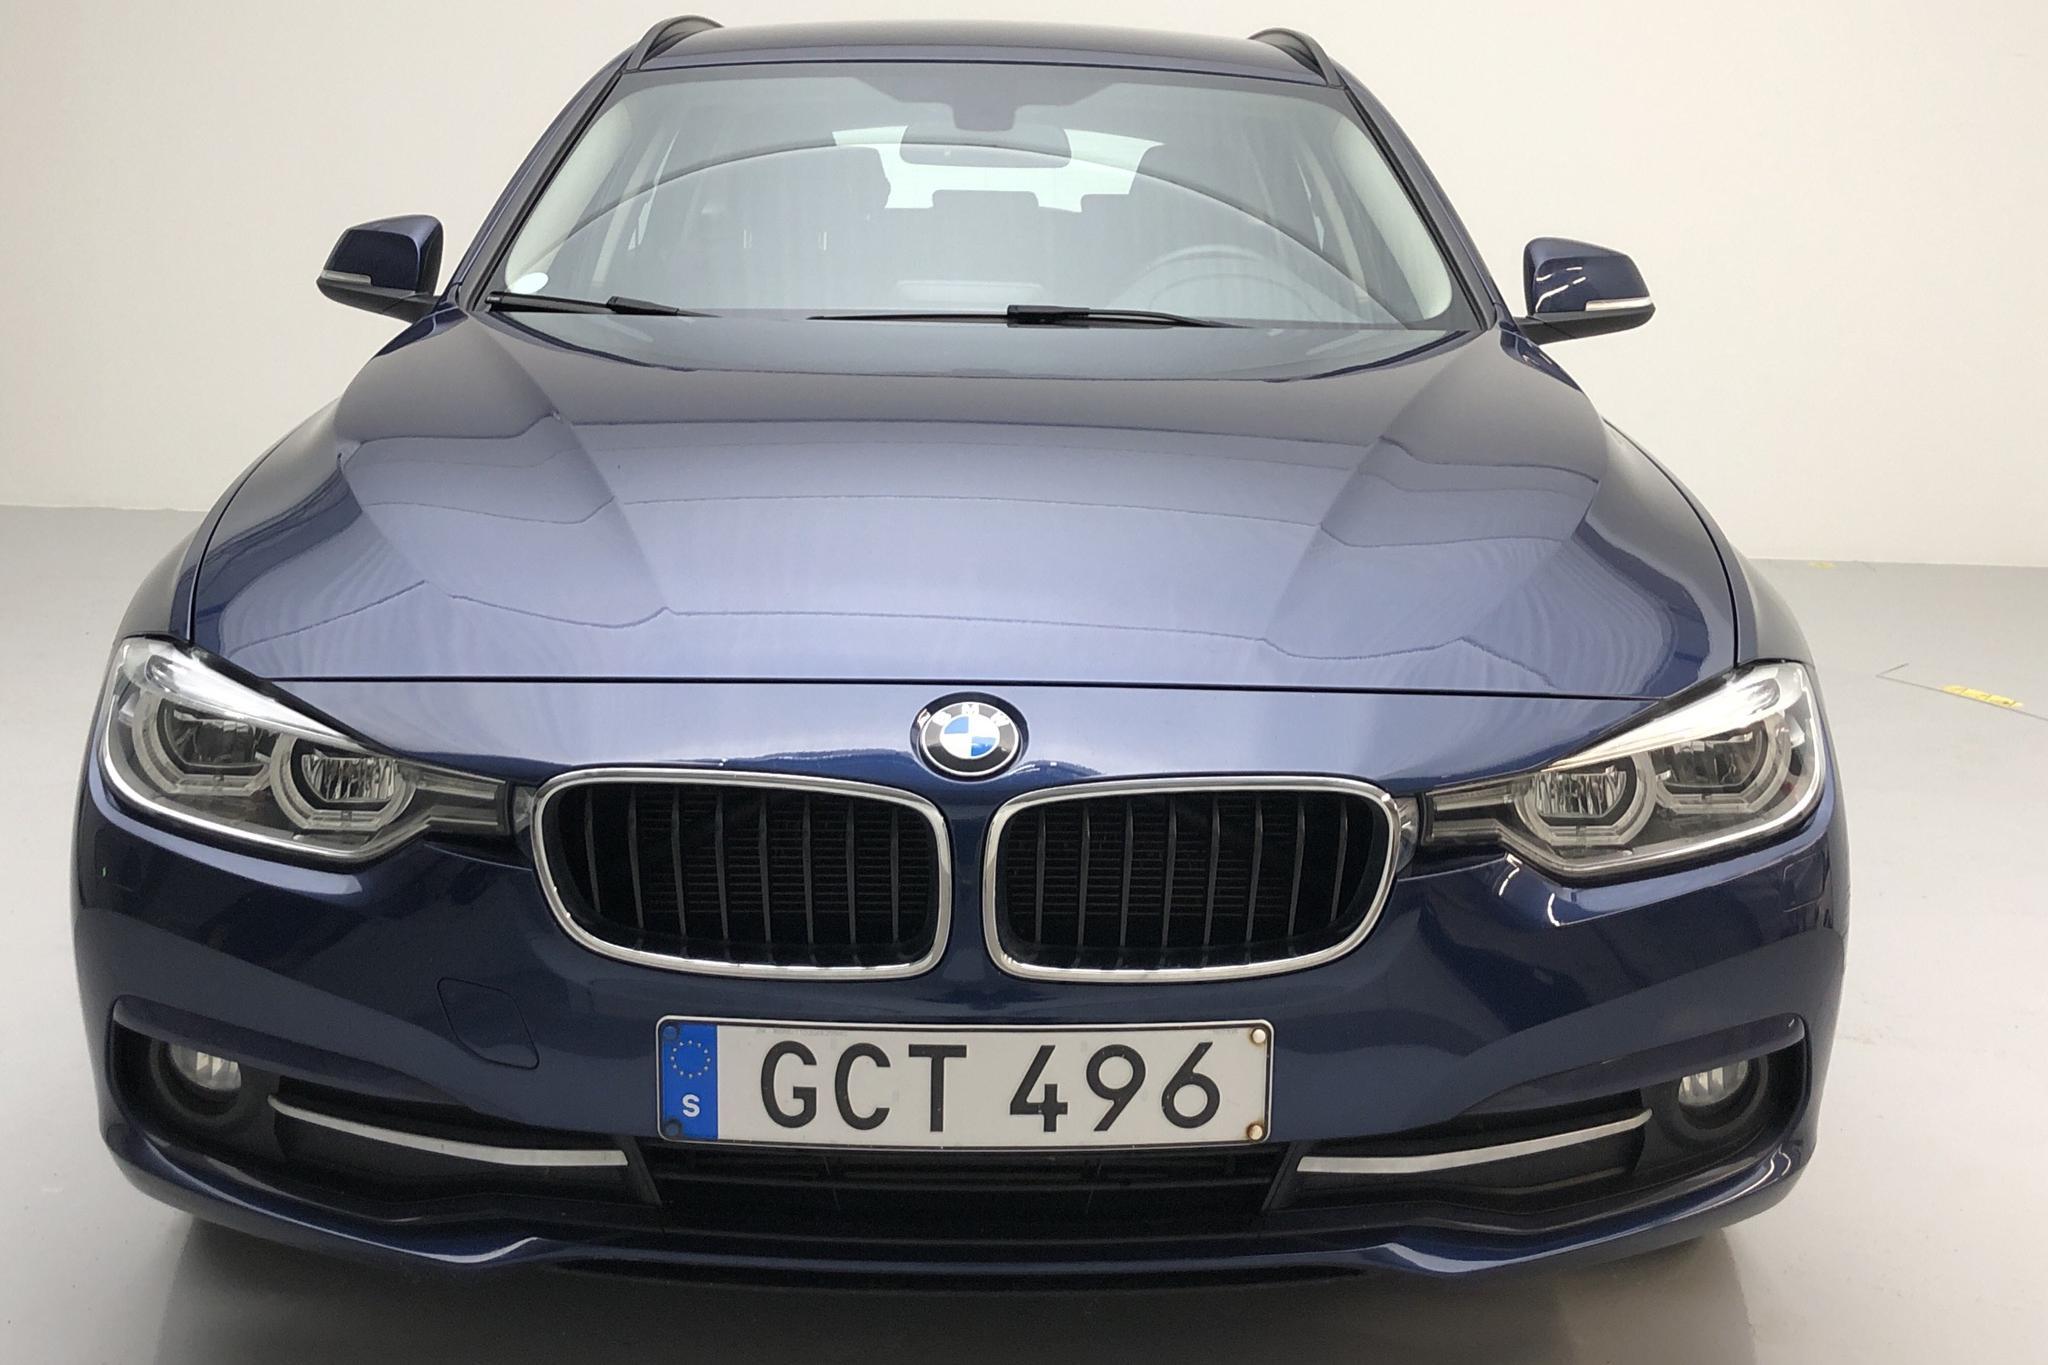 BMW 320d xDrive Touring, F31 (190hk) - 7 600 mil - Automat - blå - 2016